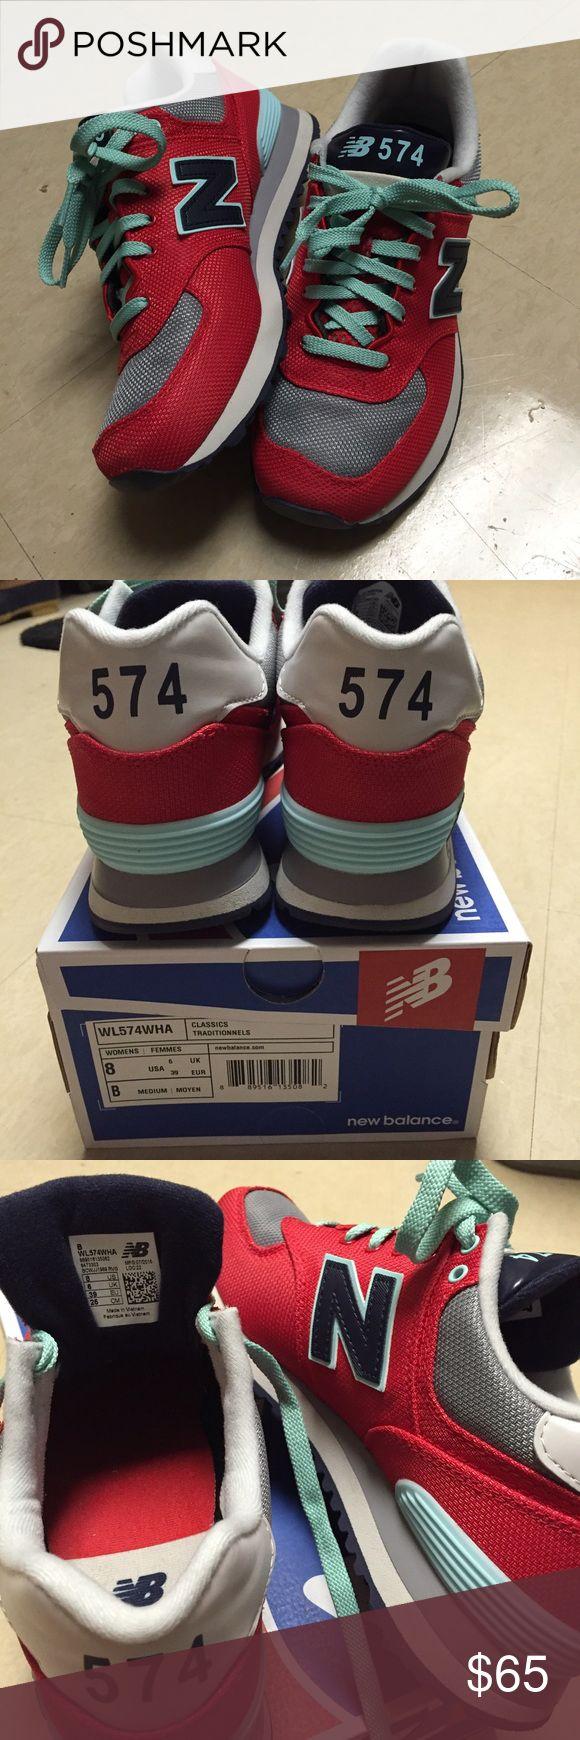 Cheap new balance 574 size 3 \u003eFree